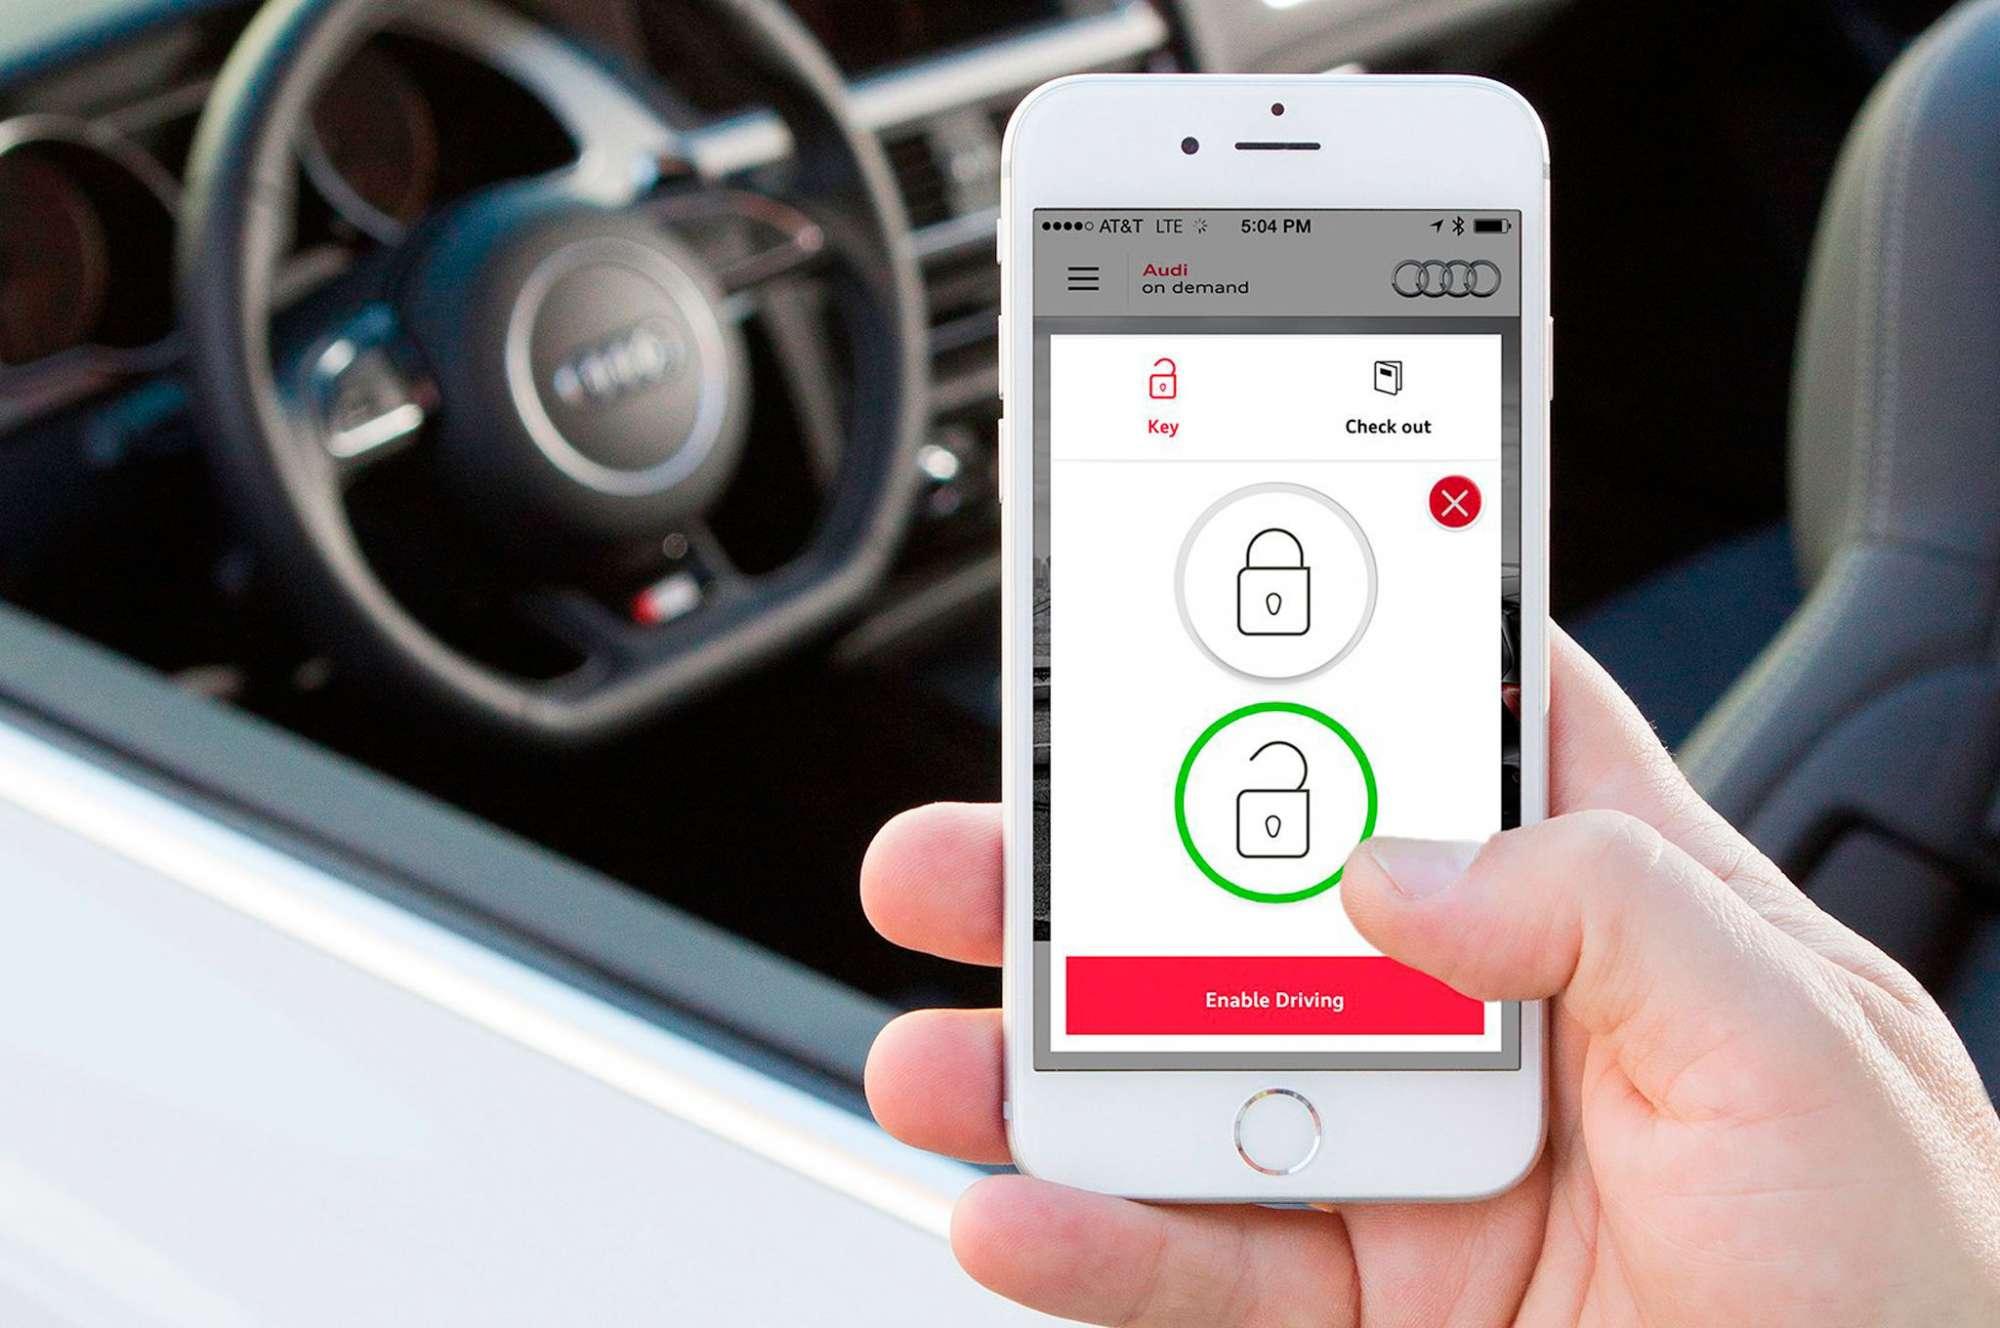 Σύντομα όπως φαίνεται τα κινητά μας τηλέφωνα θα τα χρησιμοποιούμε και για να μπαινοβγαίνουμε στα αυτοκίνητα μας αλλά και να τα χρησιμοποιούμε